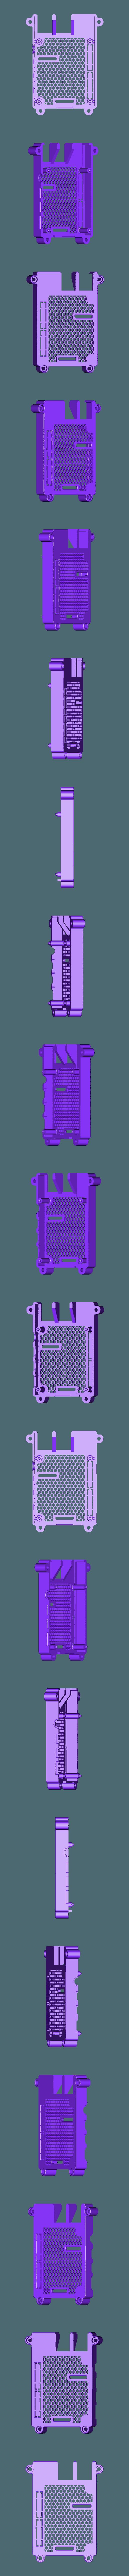 STANDARD_SLOTTED.STL Télécharger fichier STL gratuit Étui Pi 4B Framboise Framboise • Objet pour imprimante 3D, mkellsy